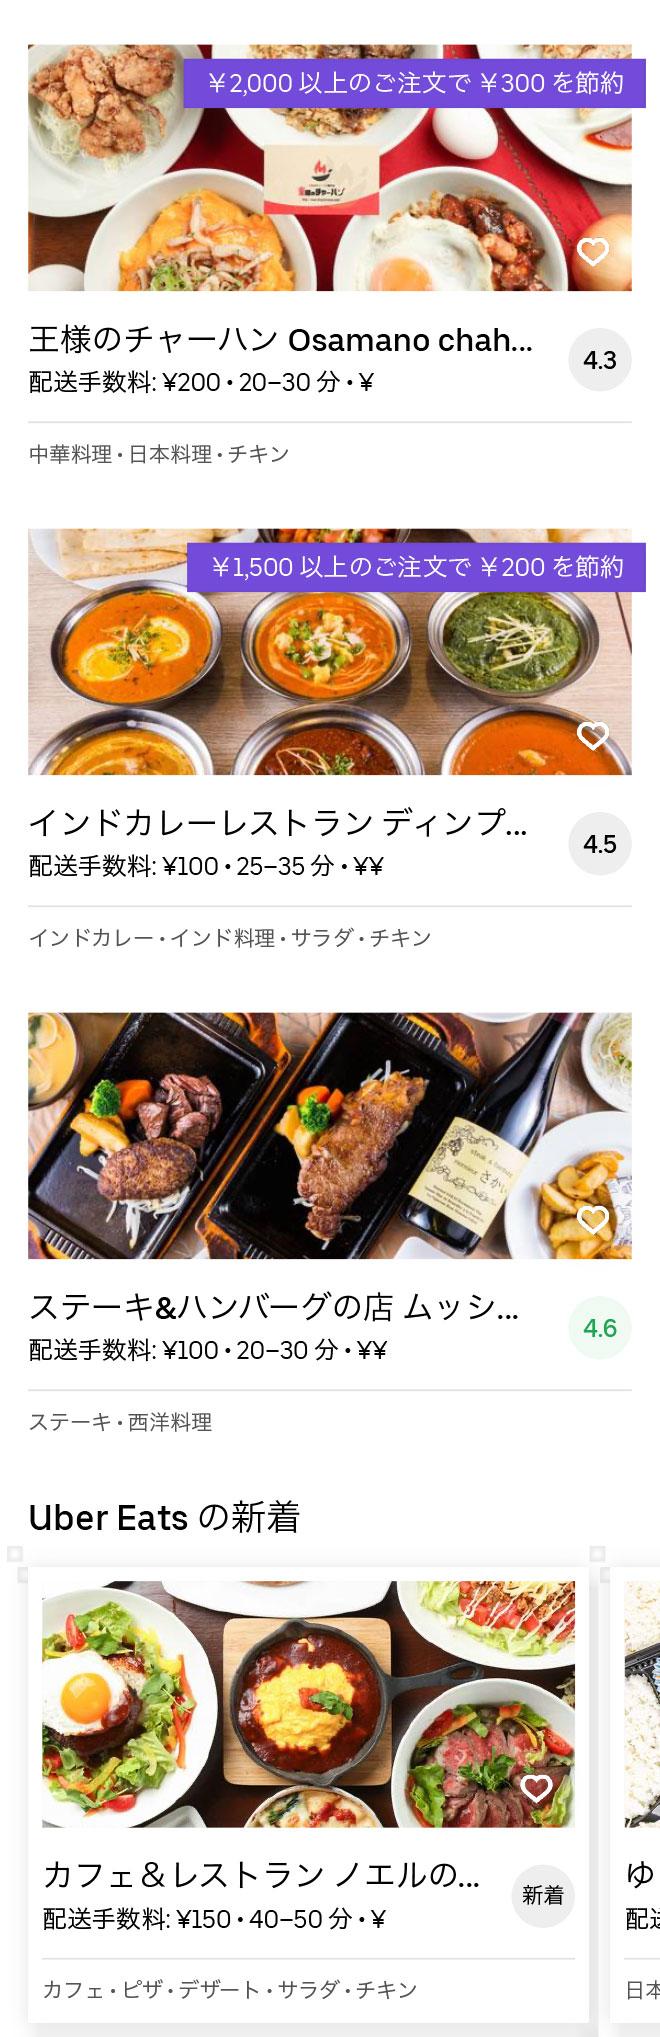 Chikushino futsukaichi menu 2004 03